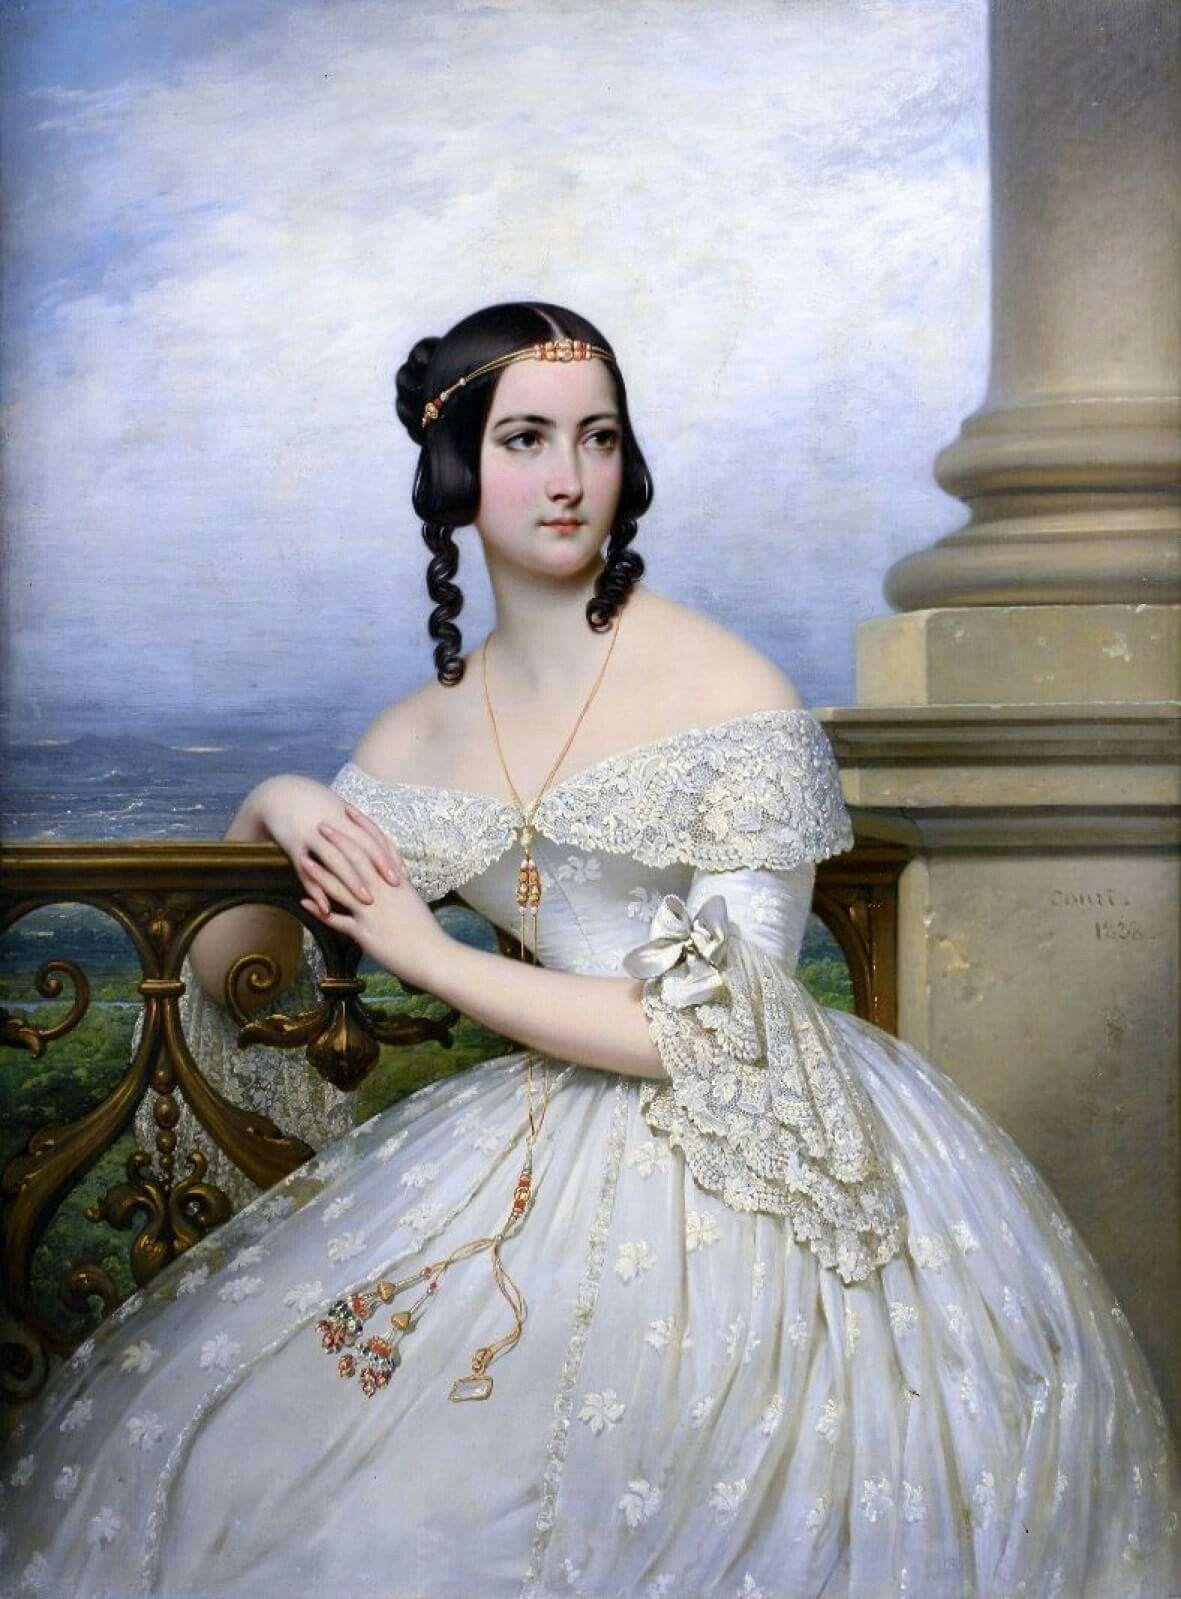 Joseph-Désiré Court (Rouen, 1796 - Paris, 1865) - Portrait présumée de miss White. Elle est représentée dans une ample robe blanche découvrant ses épaules, au col et aux manches brodés, accoudée à une balustrade devant un paysage panoramique. Huile sur toile (Rentoilage) Signée et datée en bas à droite Court 1838.